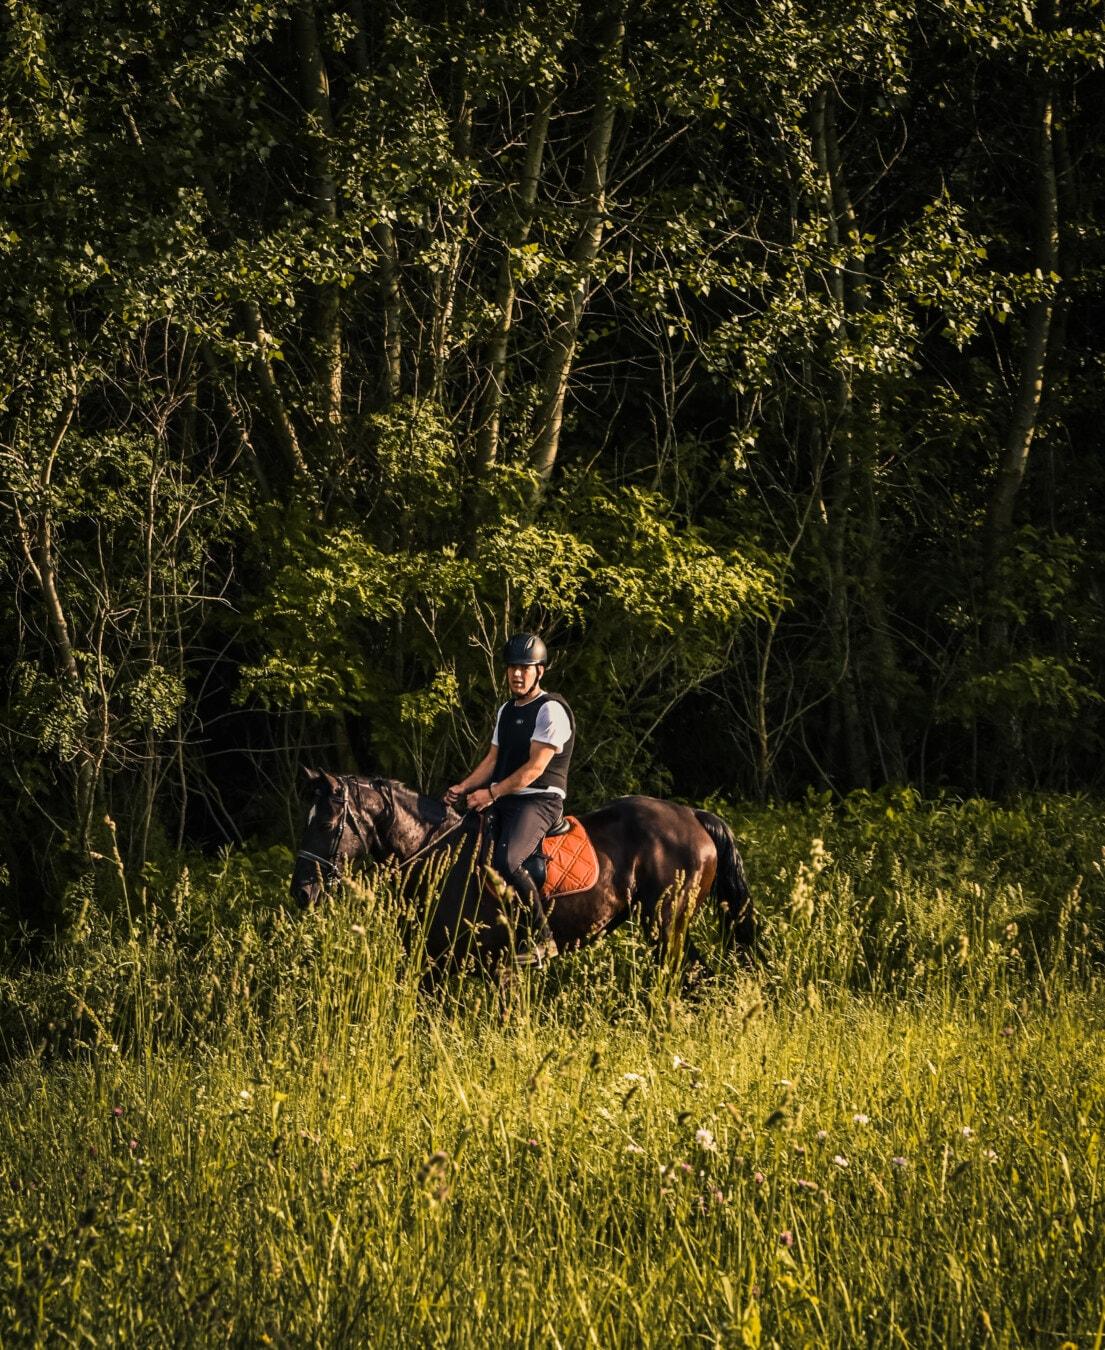 cavallo, a cavallo, pilota, equitazione, programma di formazione, Sport, agricoltore, persona, natura